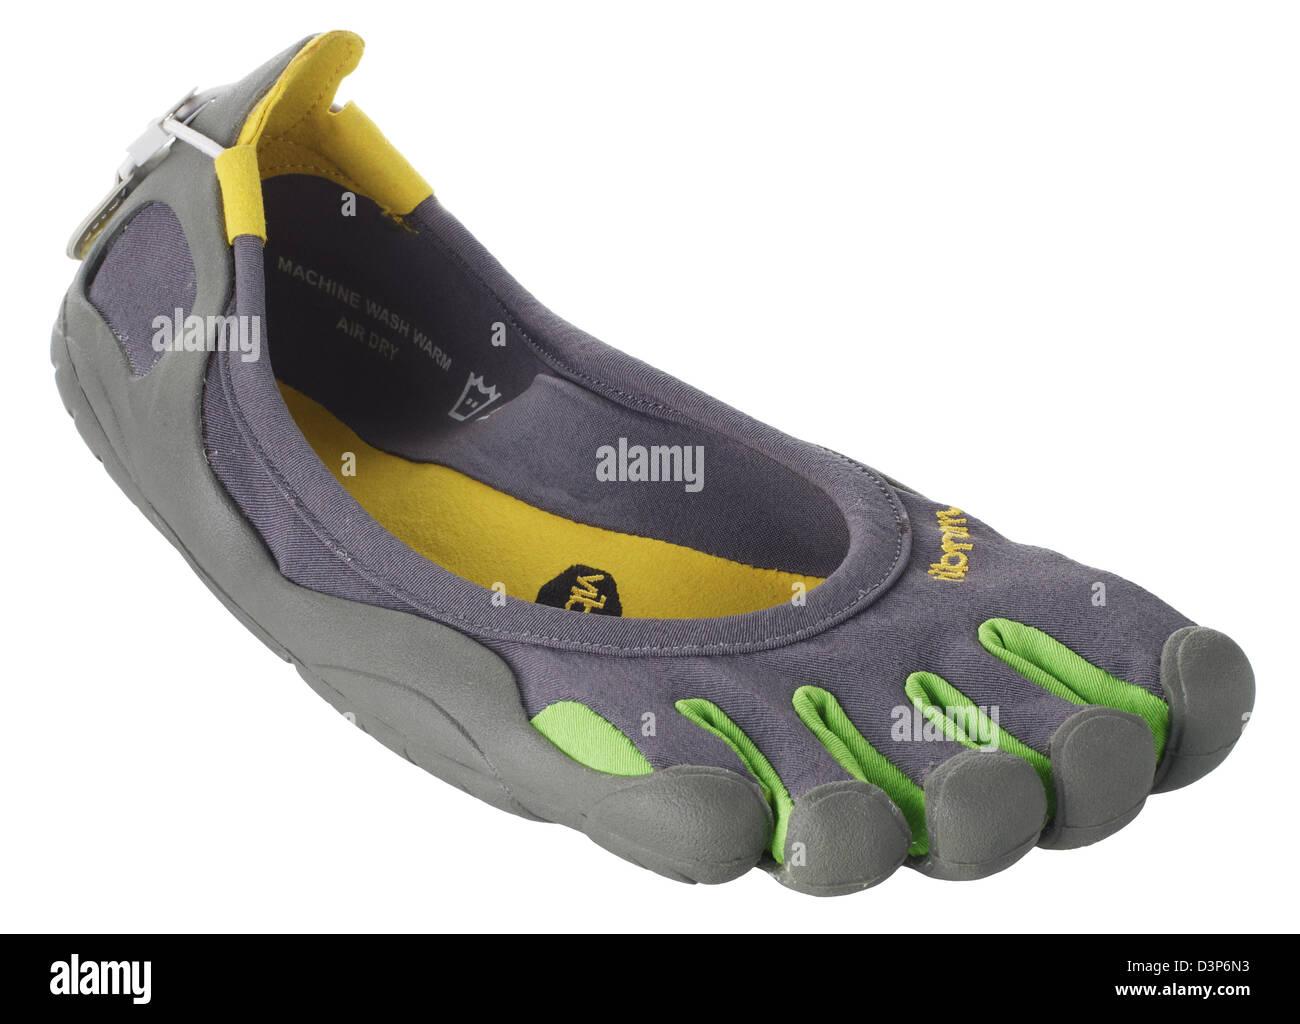 Vibram Five Fingers Chaussures de sport léger aux pieds nus Photo Stock